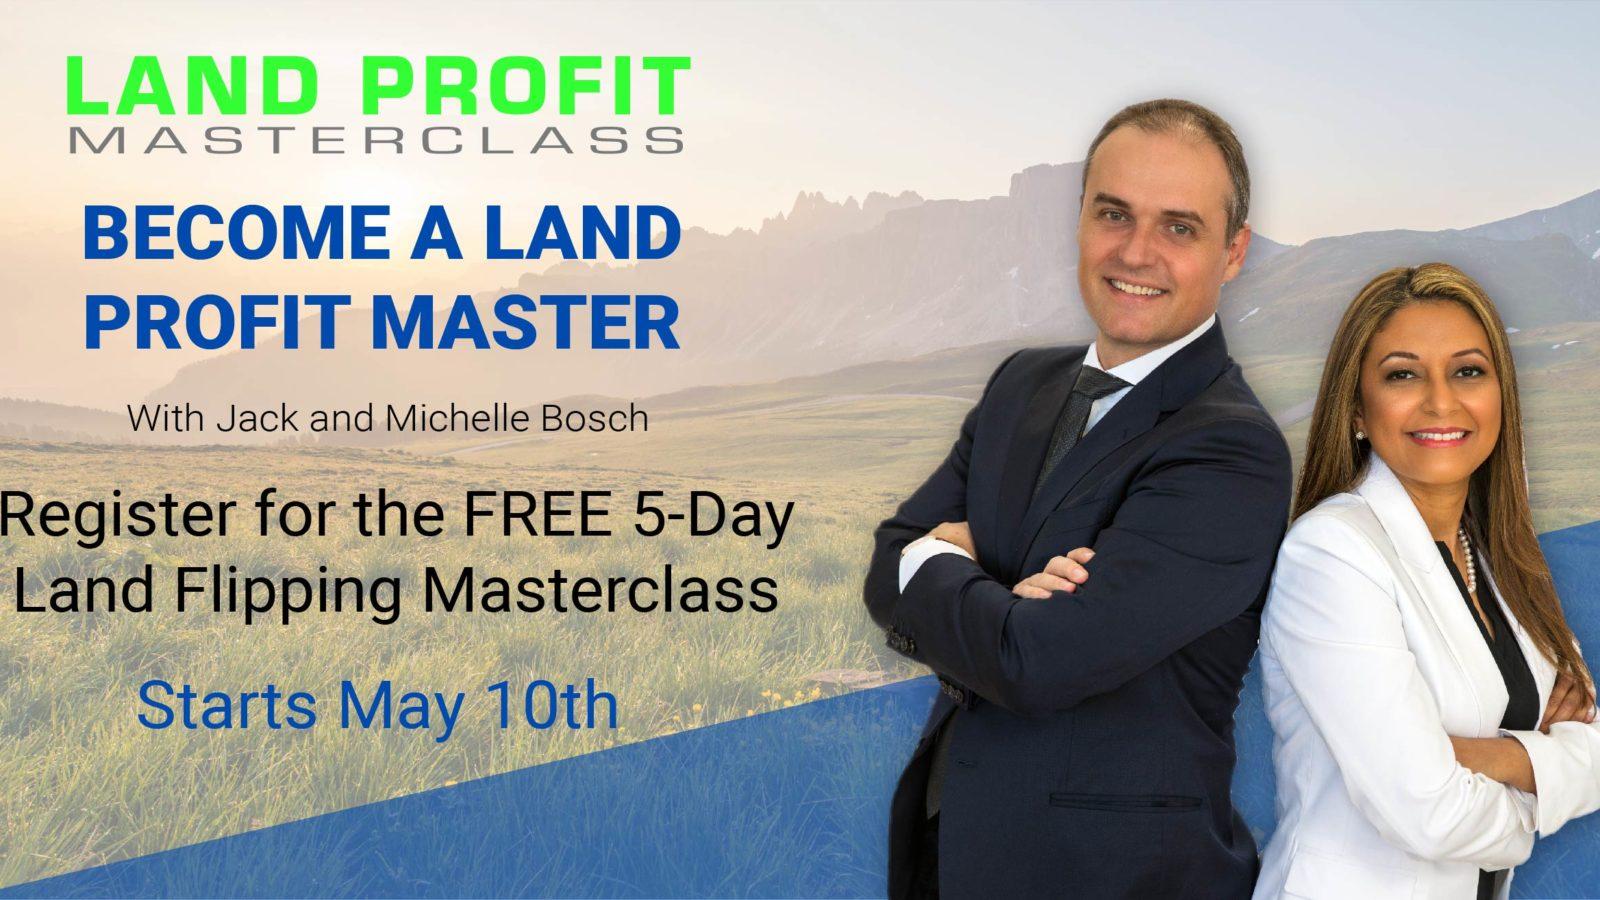 Land Profit Masterclass | May 10